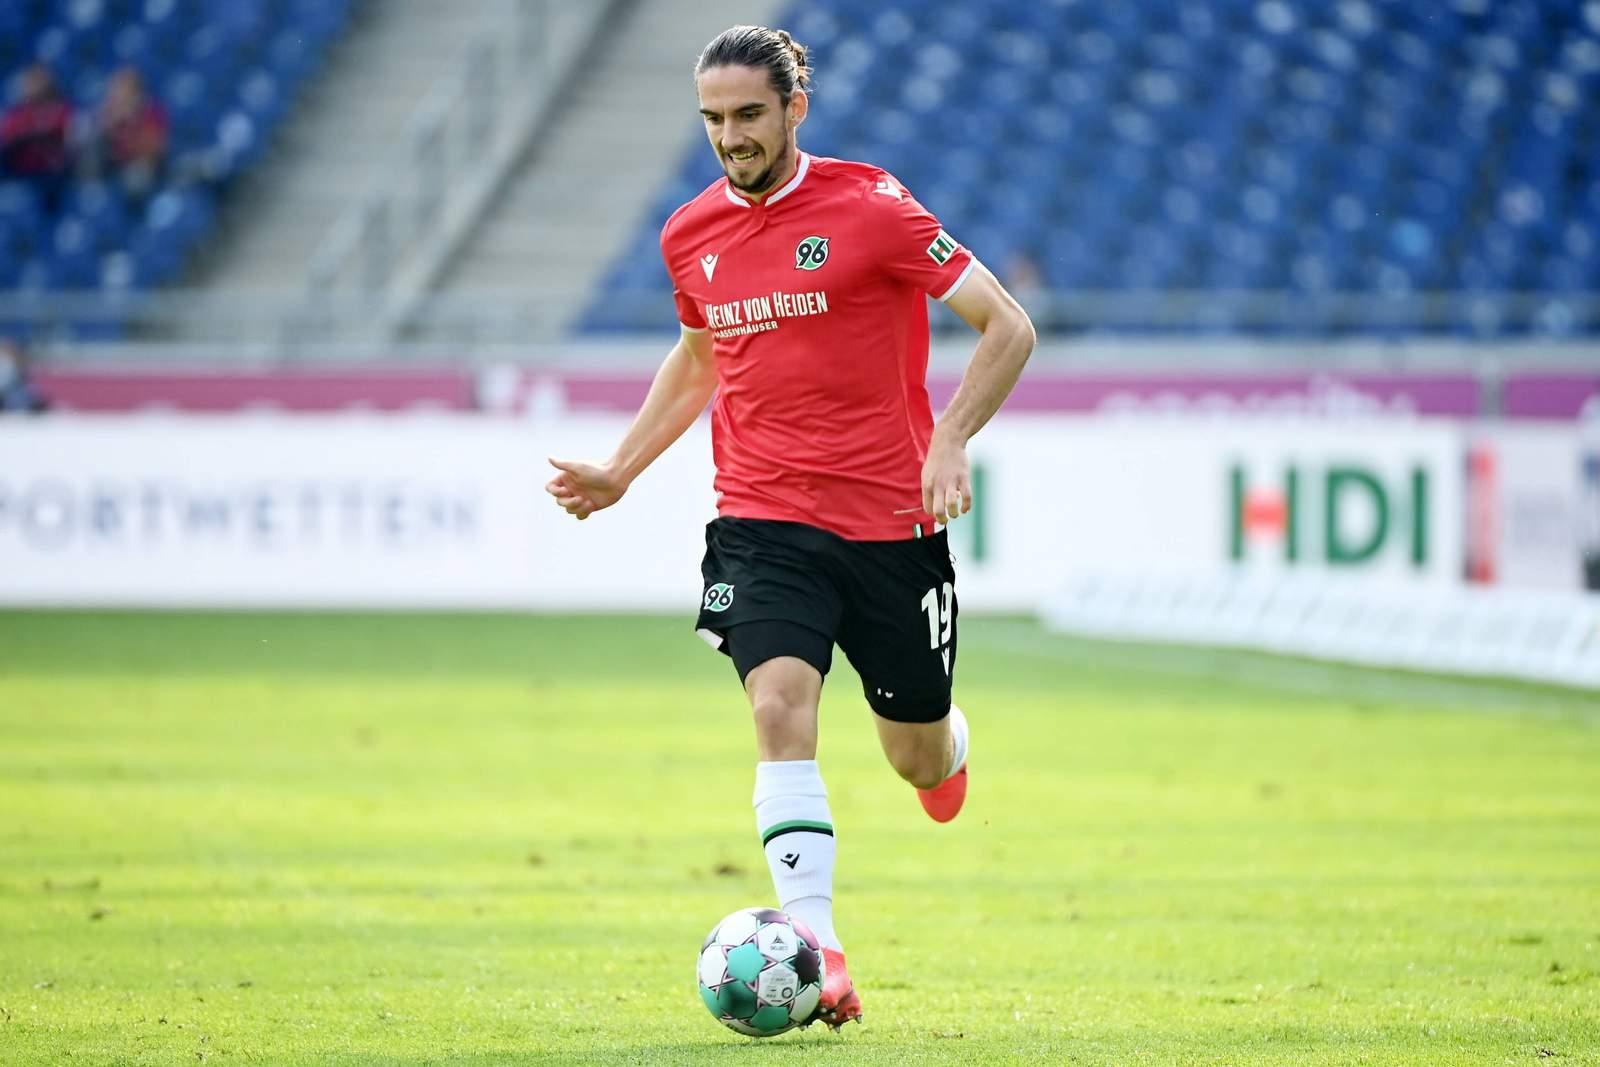 Valmir Sulejmani gegen Braunschweig.